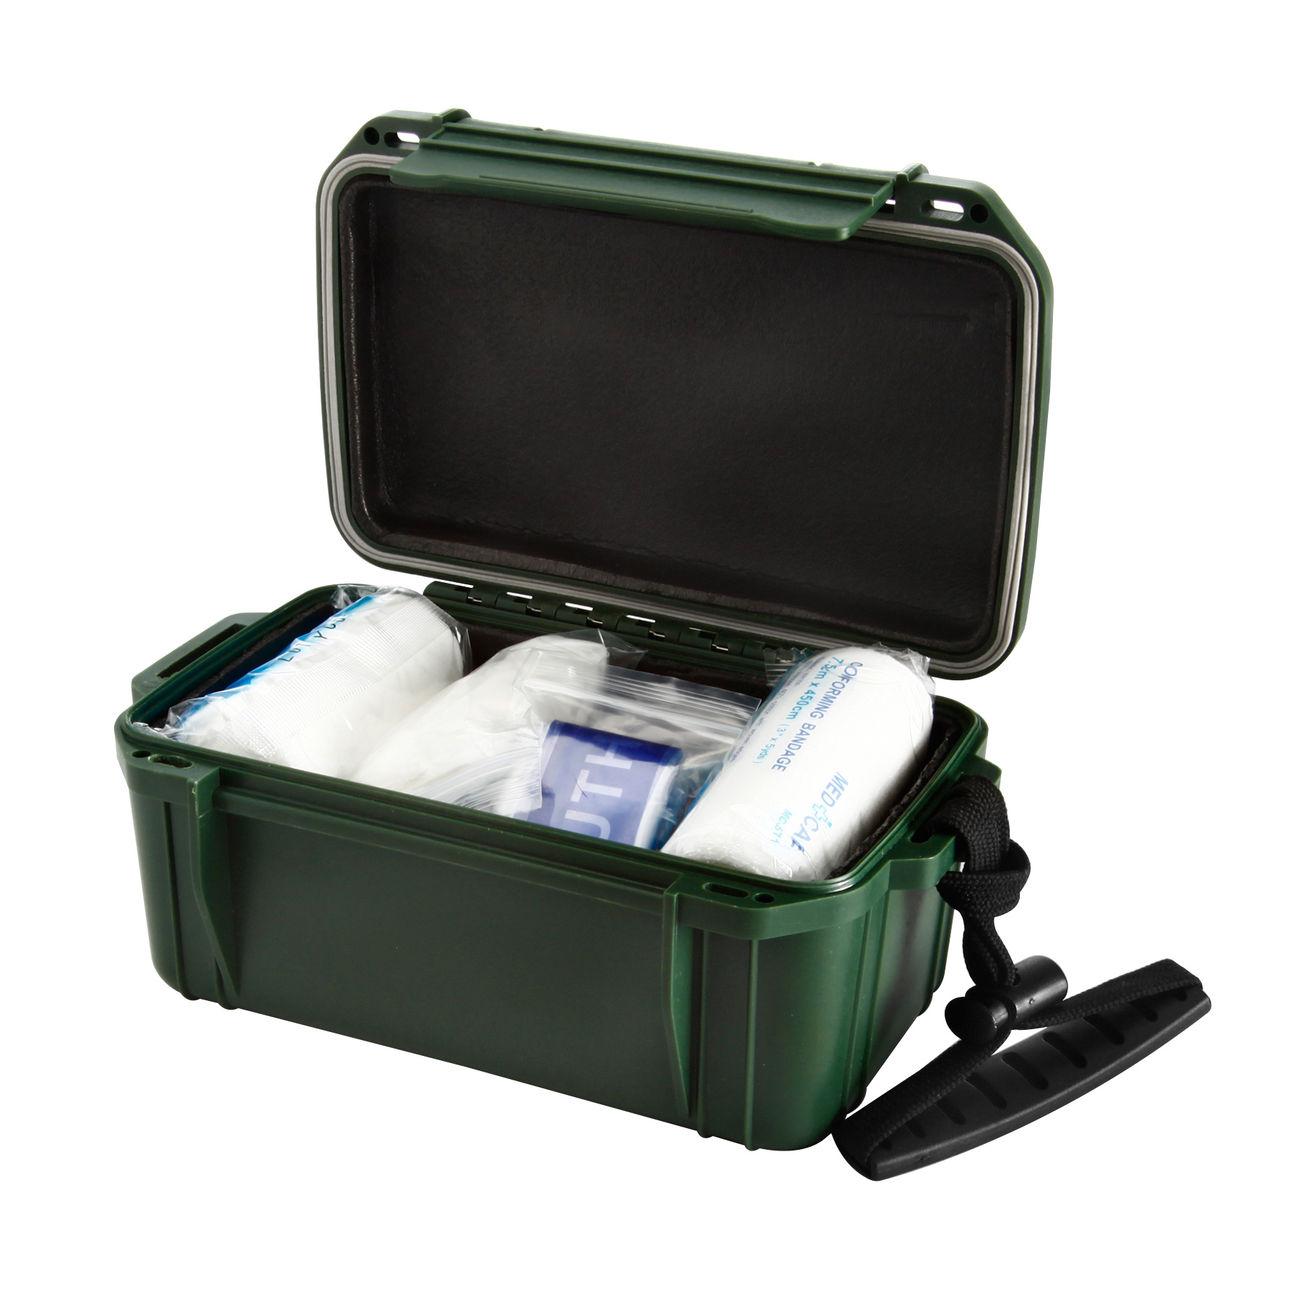 mil tec erste hilfe box camping first aid kit wasserdicht oliv g nstig kaufen kotte zeller. Black Bedroom Furniture Sets. Home Design Ideas